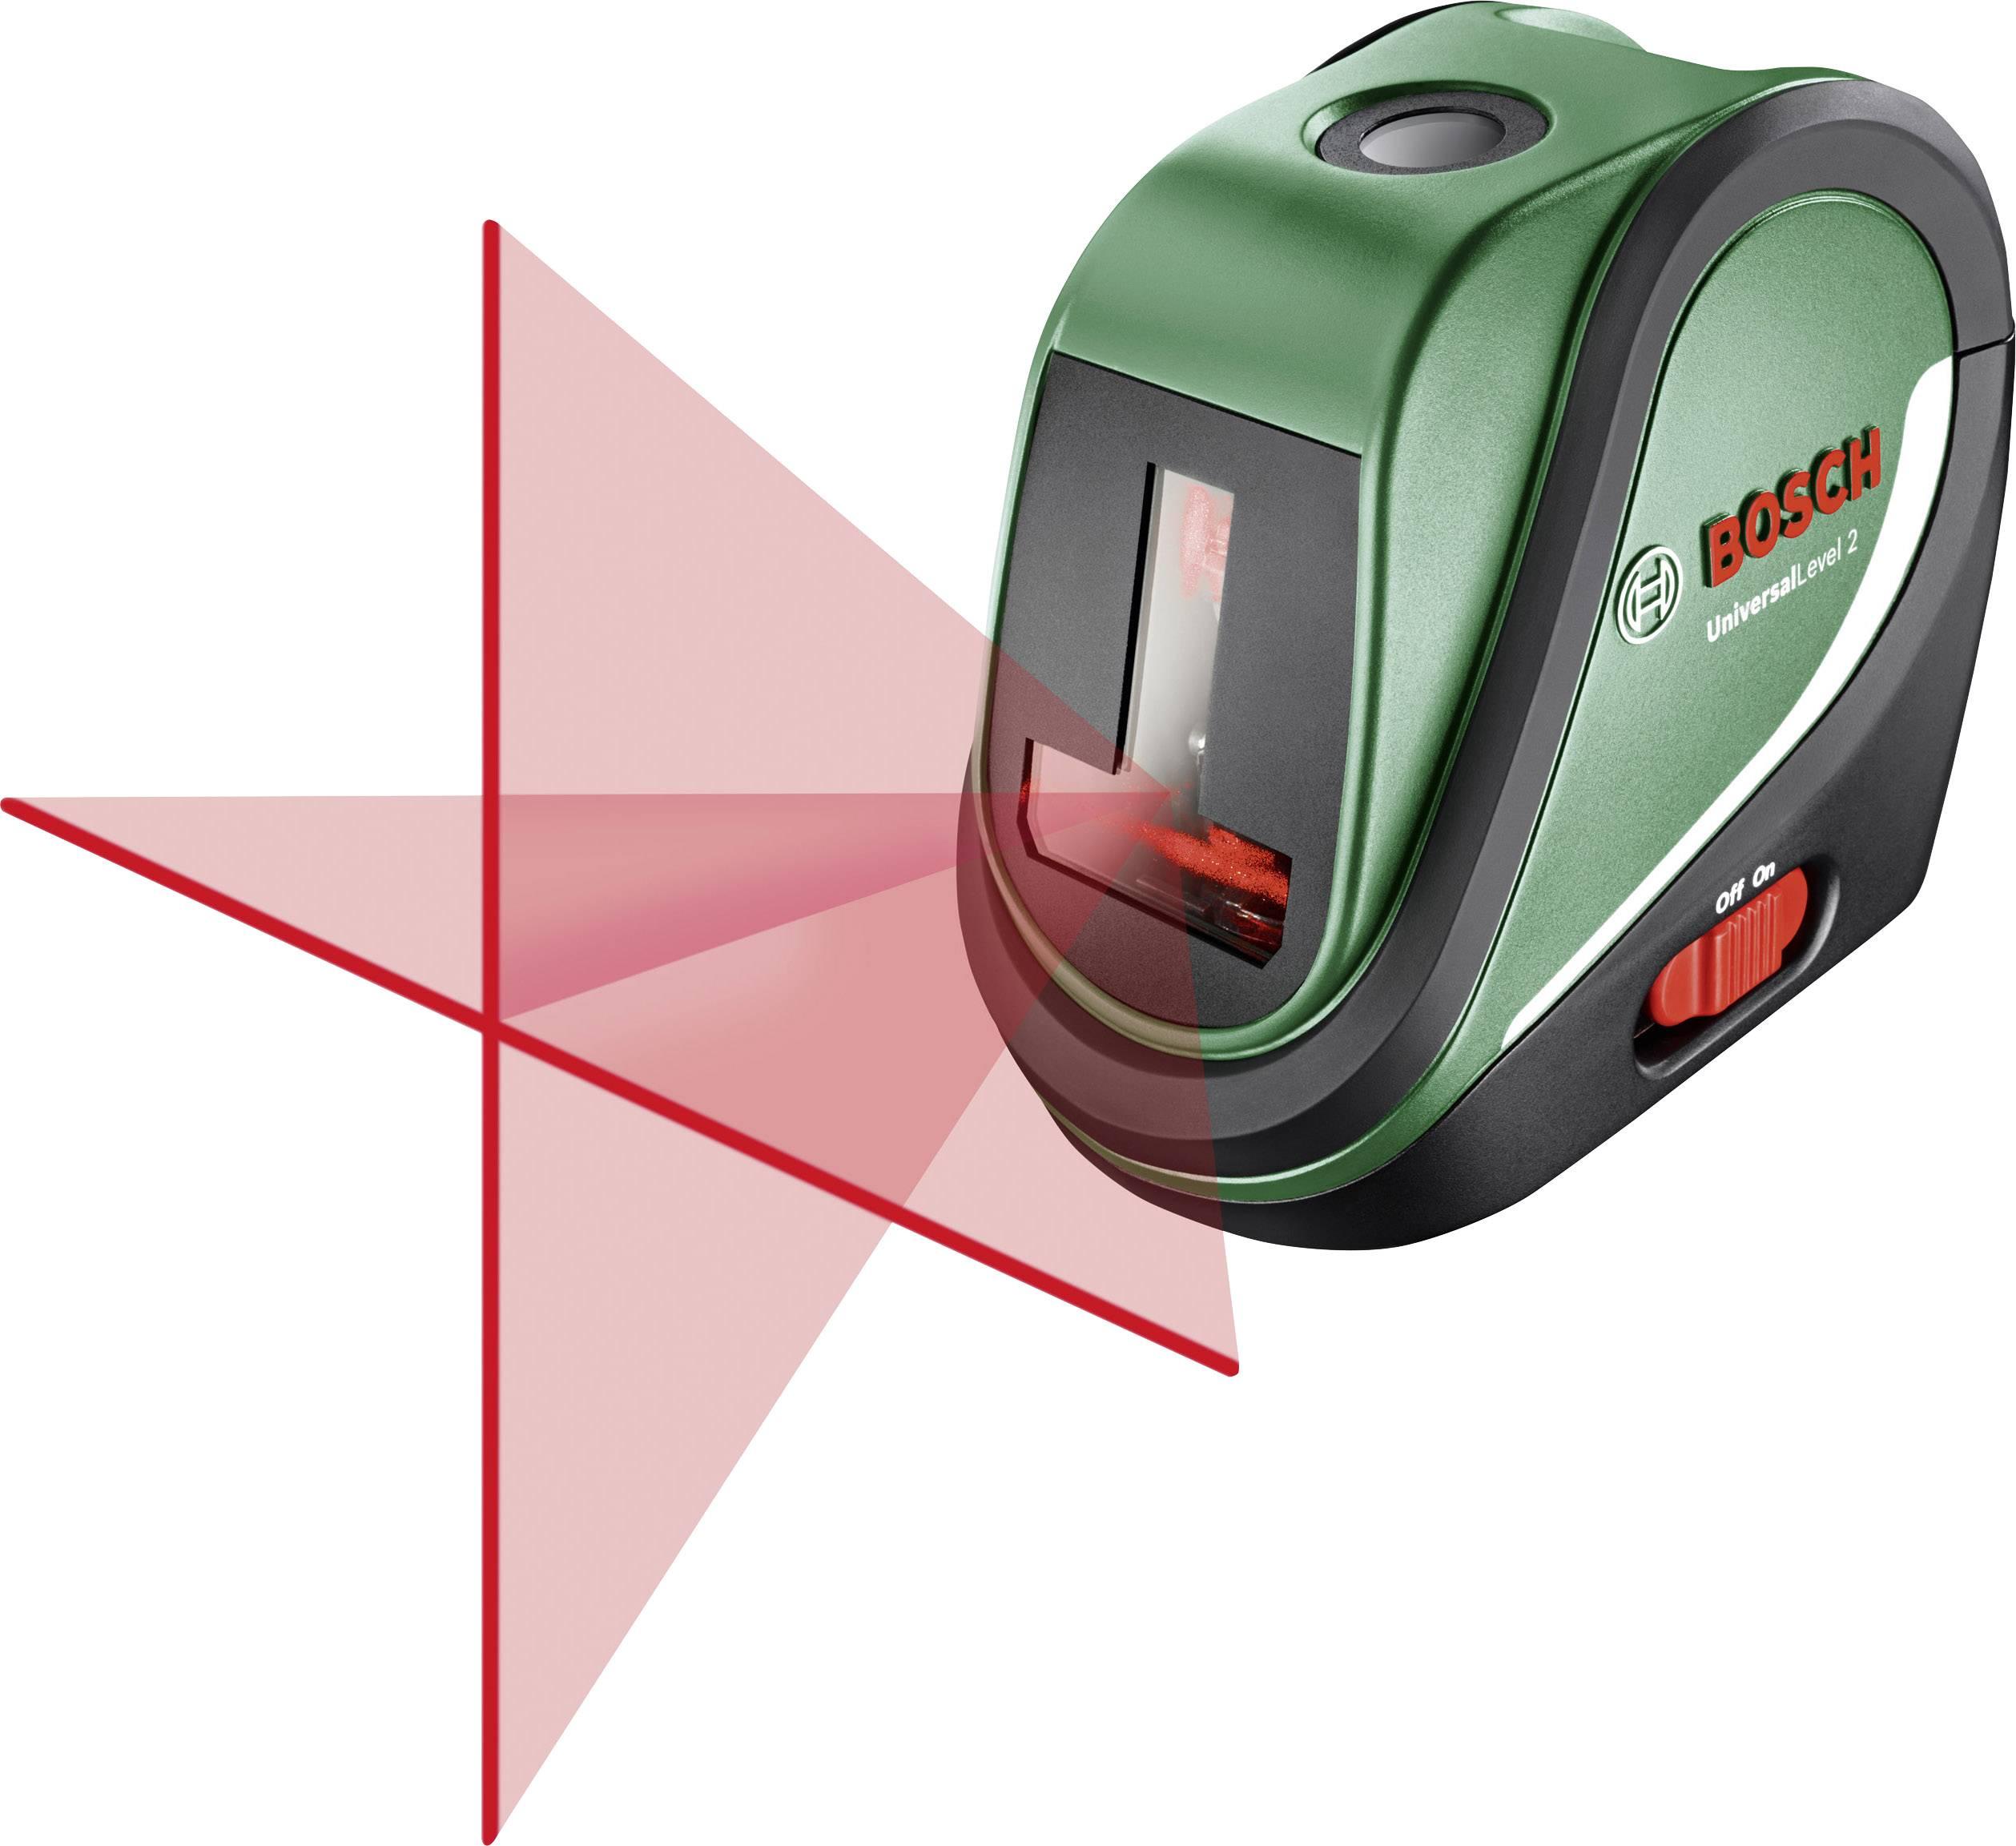 Křížový laser samonivelační Bosch Home and Garden UniversalLevel 2 Basic, dosah (max.): 10 m, Kalibrováno dle: bez certifikátu